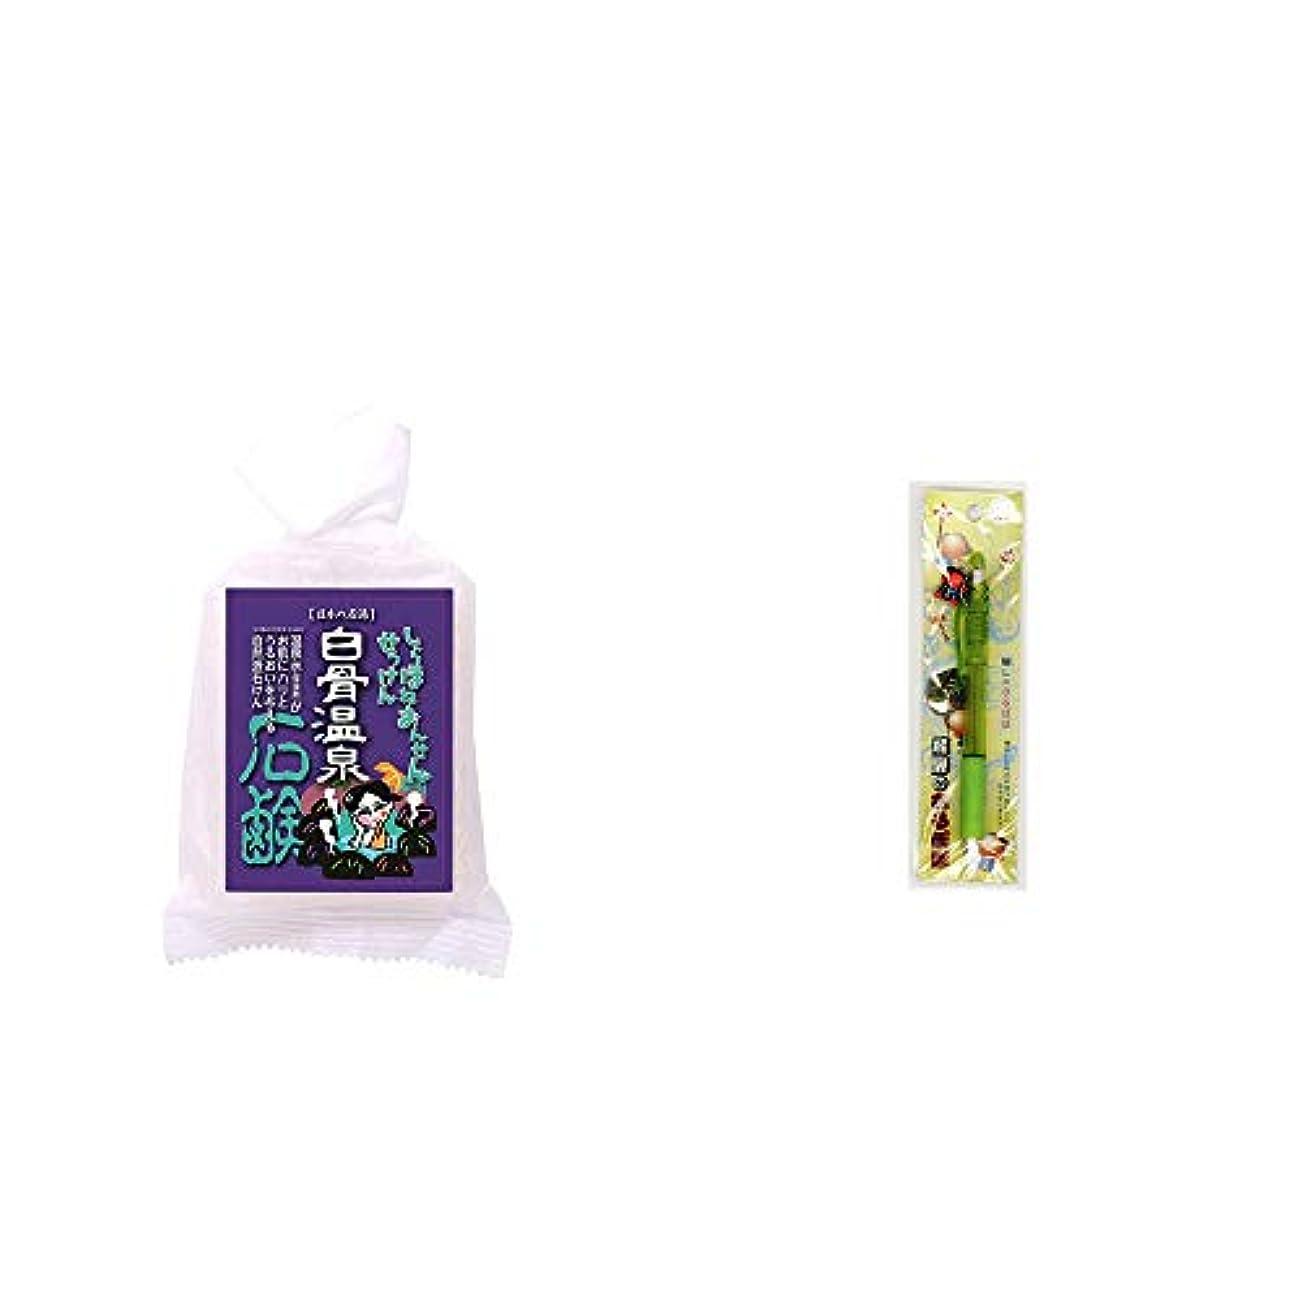 [2点セット] 信州 白骨温泉石鹸(80g)?さるぼぼ 癒しシャープペン 【グリーン】